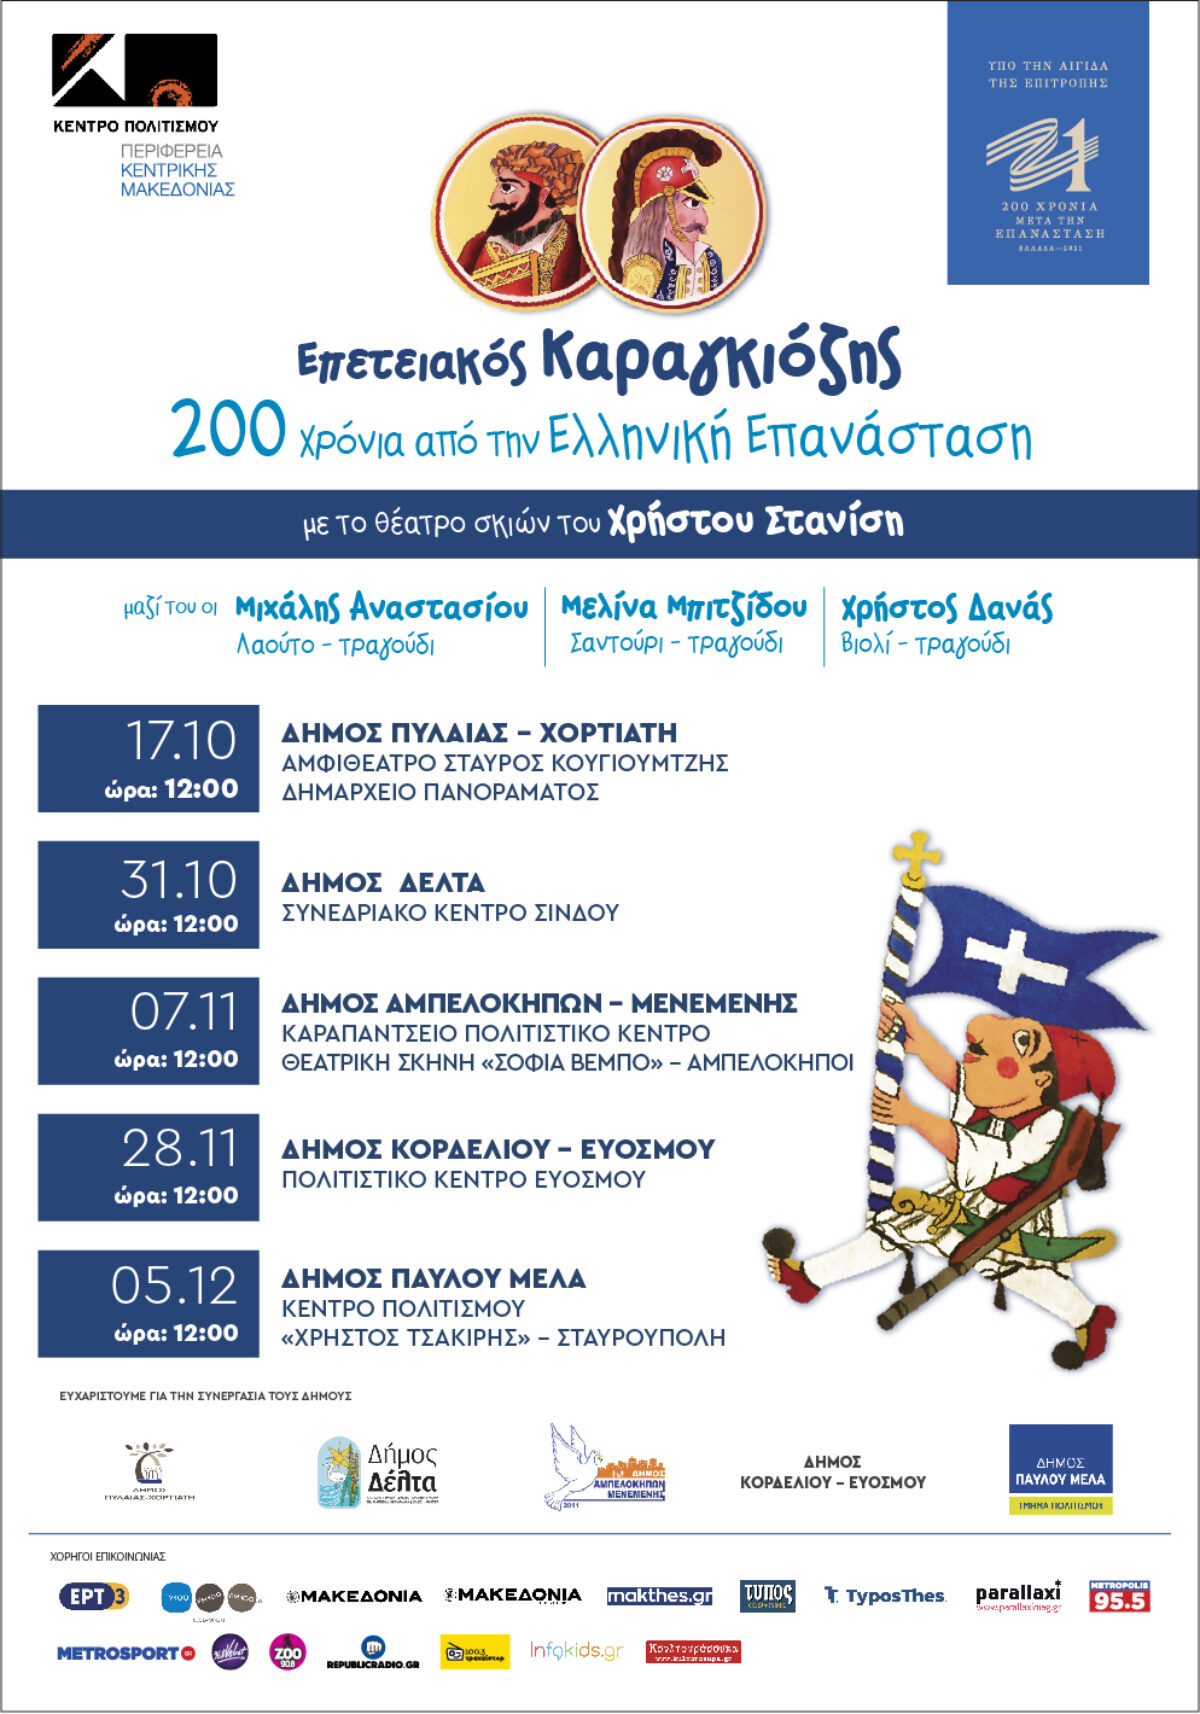 «Επετειακός Καραγκιόζης- 200 Χρόνια από την Ελληνική Επανάσταση» από το Θέατρο σκιών του Χρήστου Στανίση